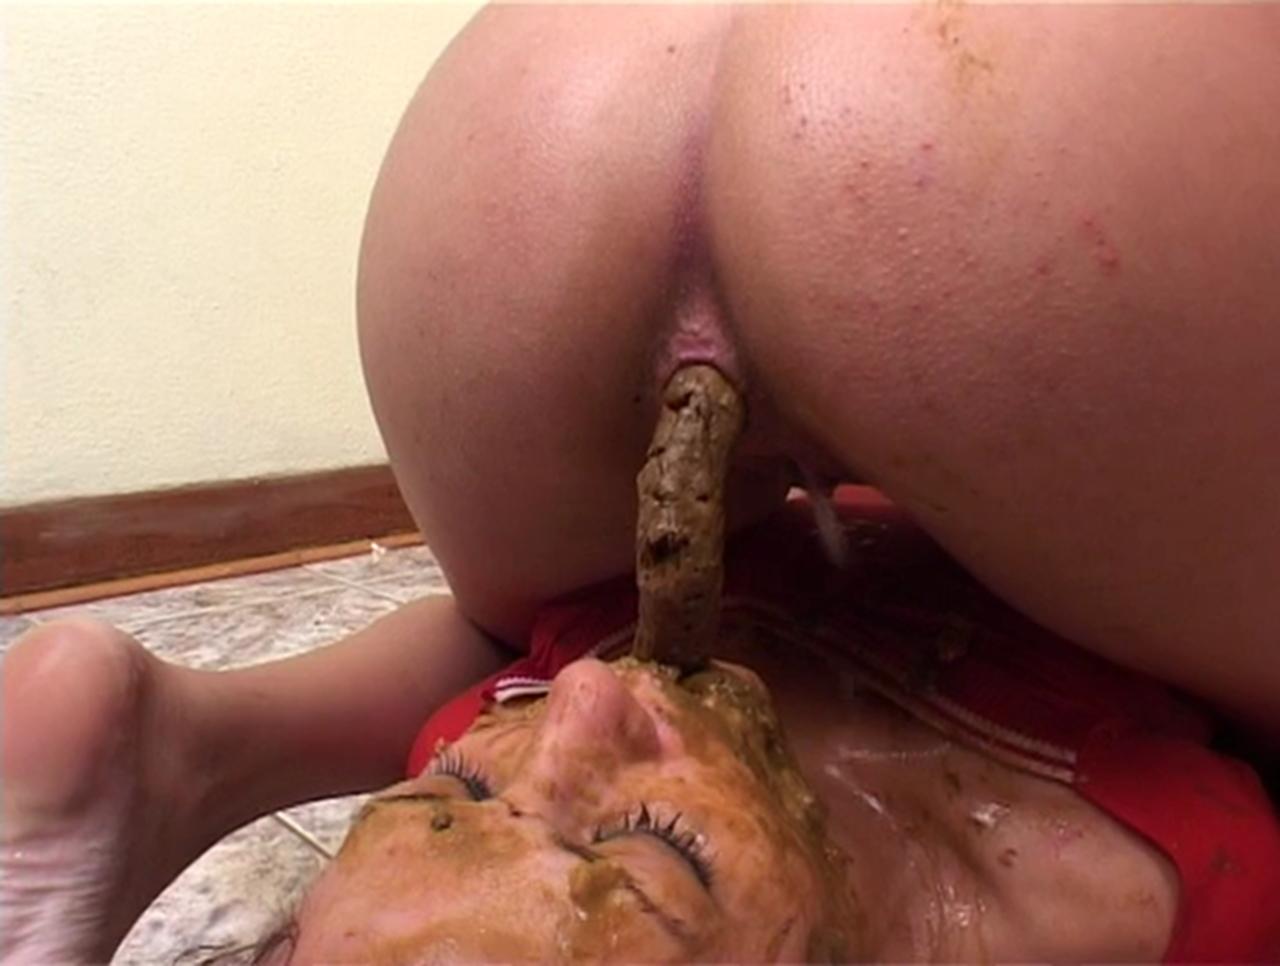 onlayn-populyarnoe-seks-video